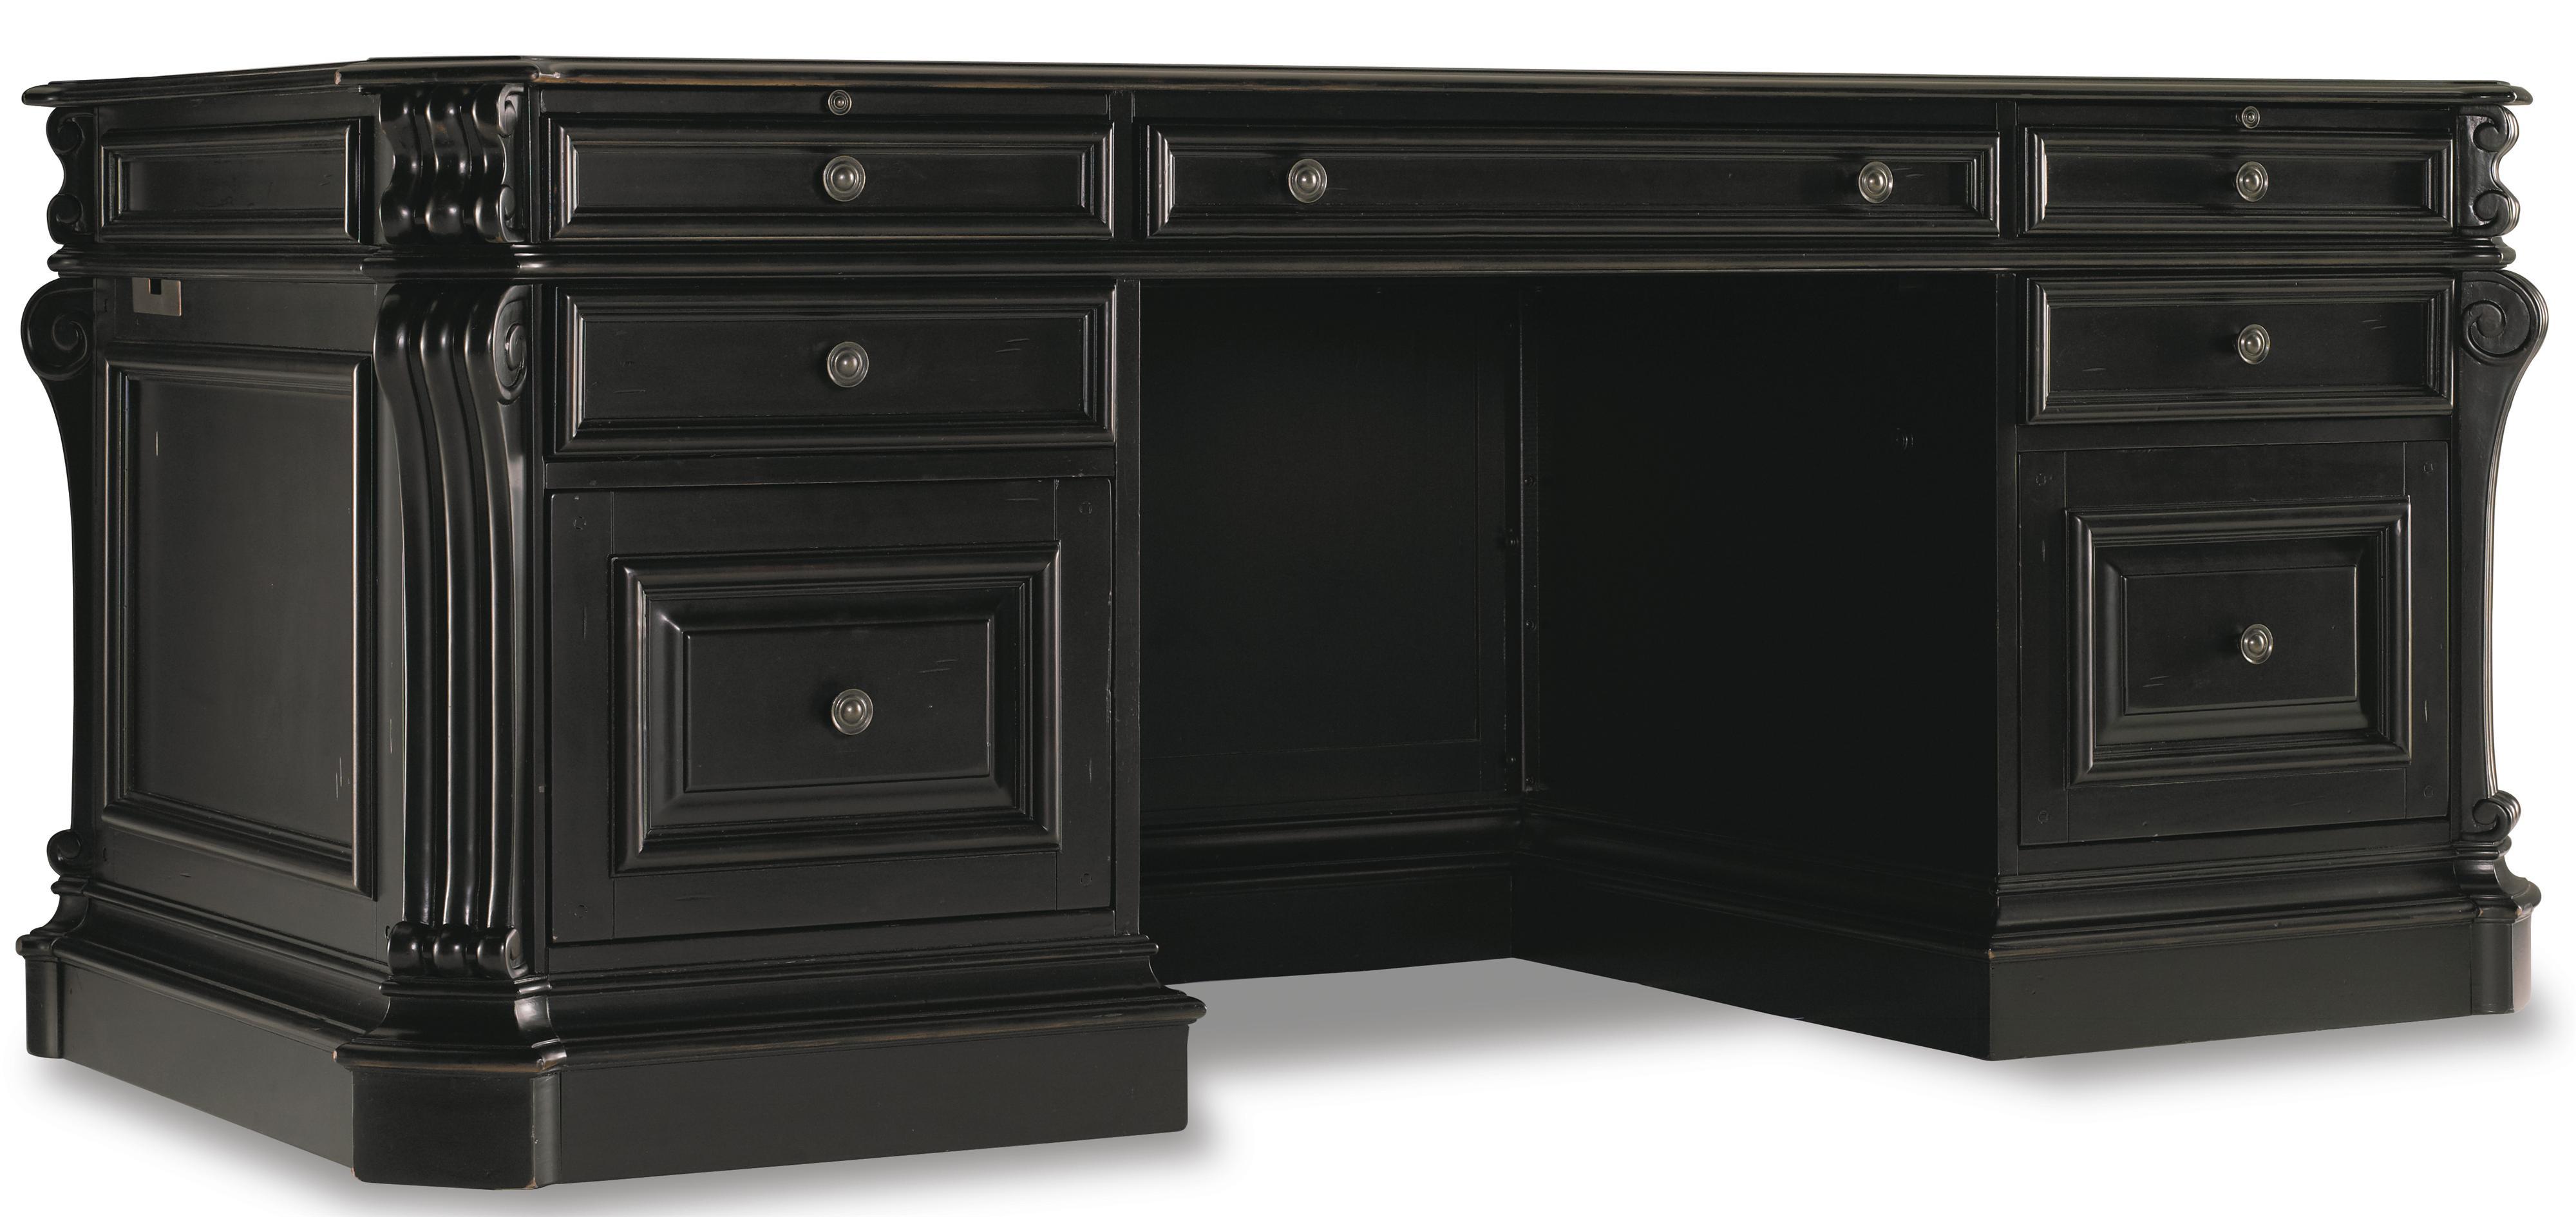 Hooker Furniture Telluride Executive Desk - Item Number: 370-10-363